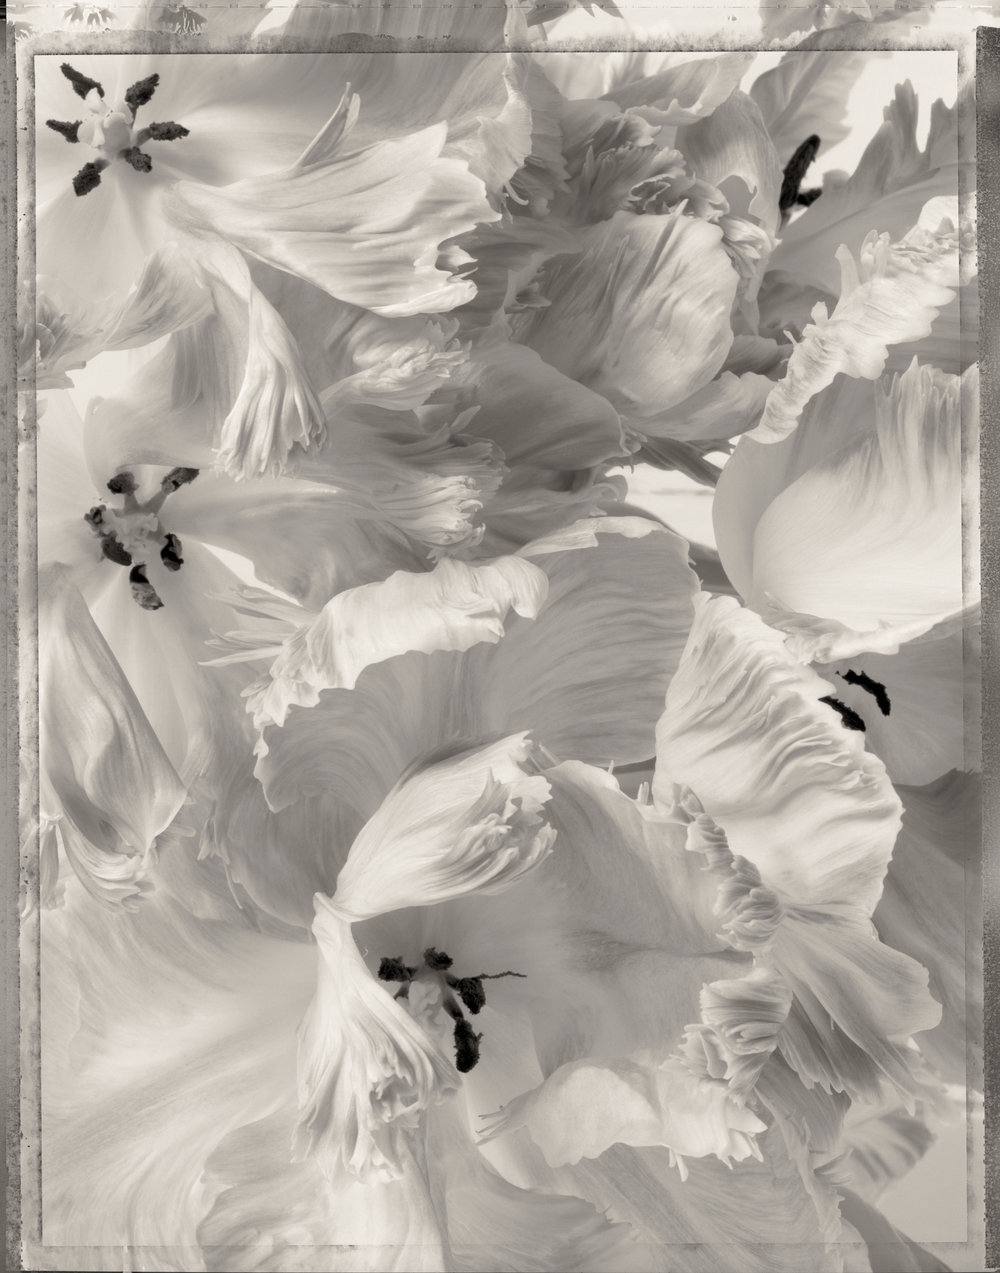 dancing_tulips_print11.jpg